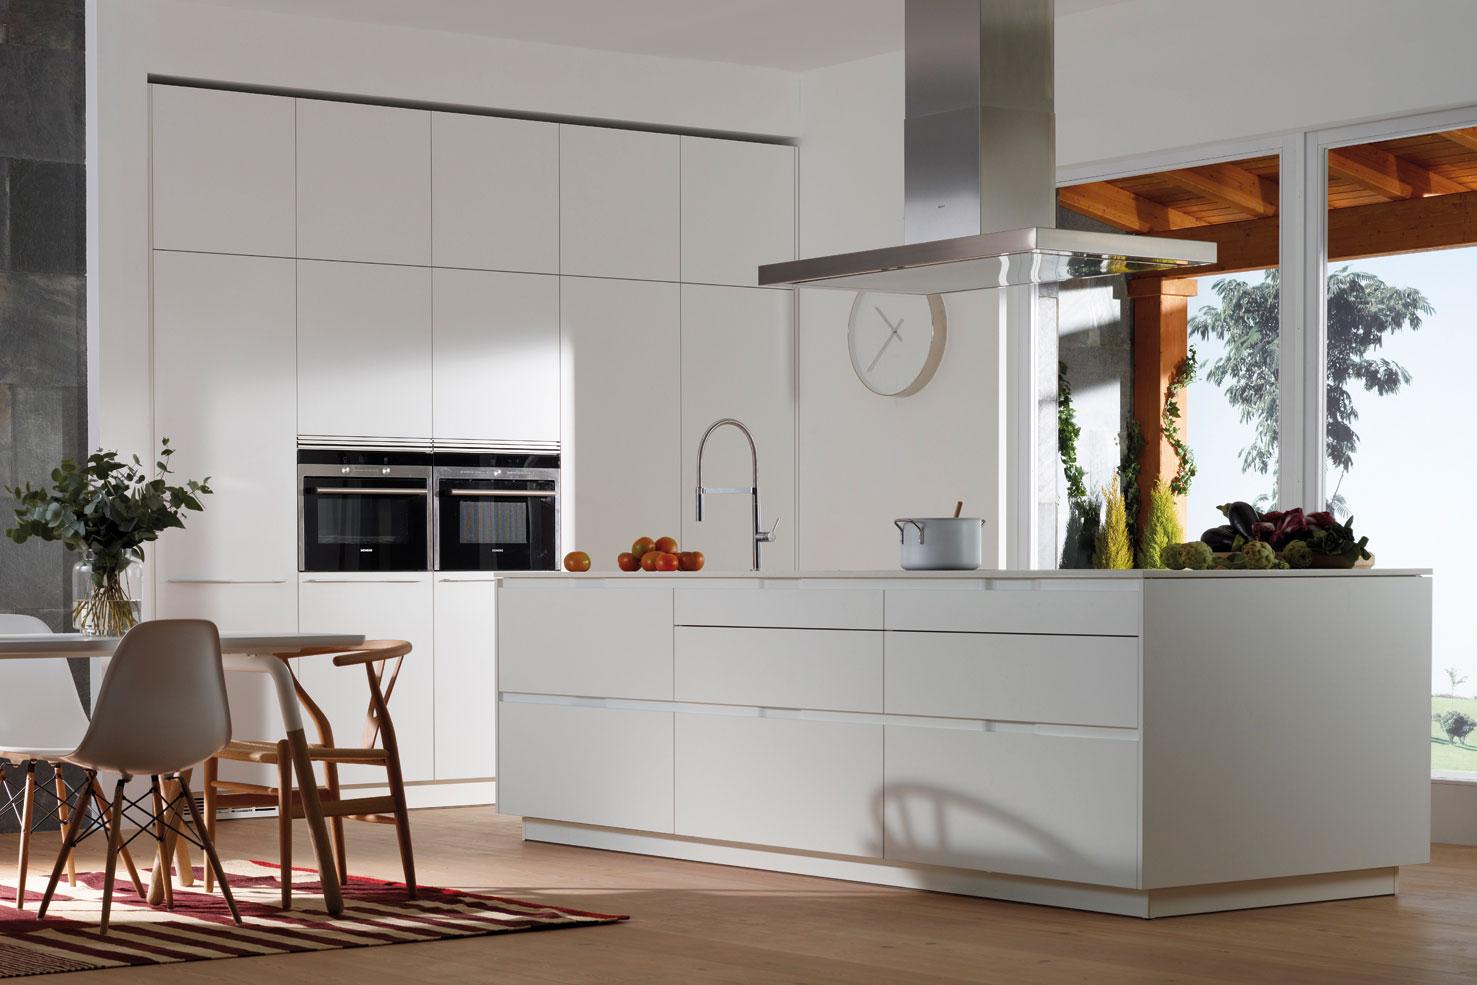 Campanas extractoras de cocina: cómo acertar | Campana decorativa en isla | Cocinas Santos | Santiago Interiores